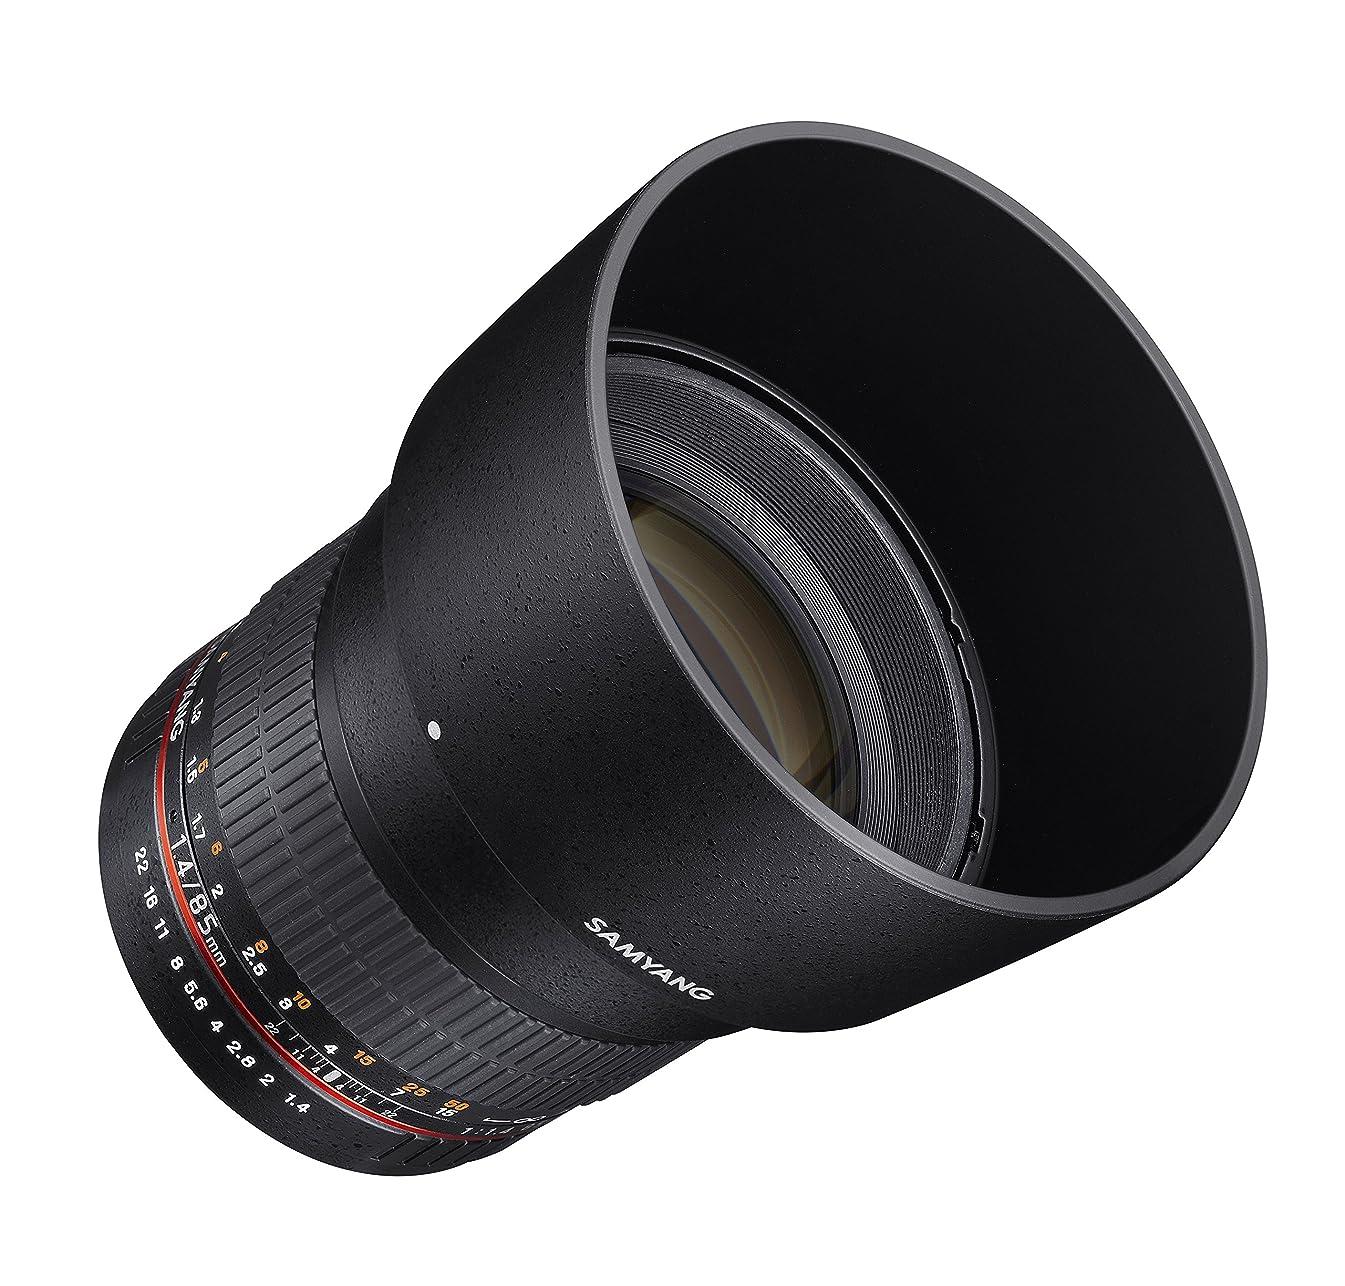 Samyang SY85M-P 85mm F1.4 Lens for Pentax